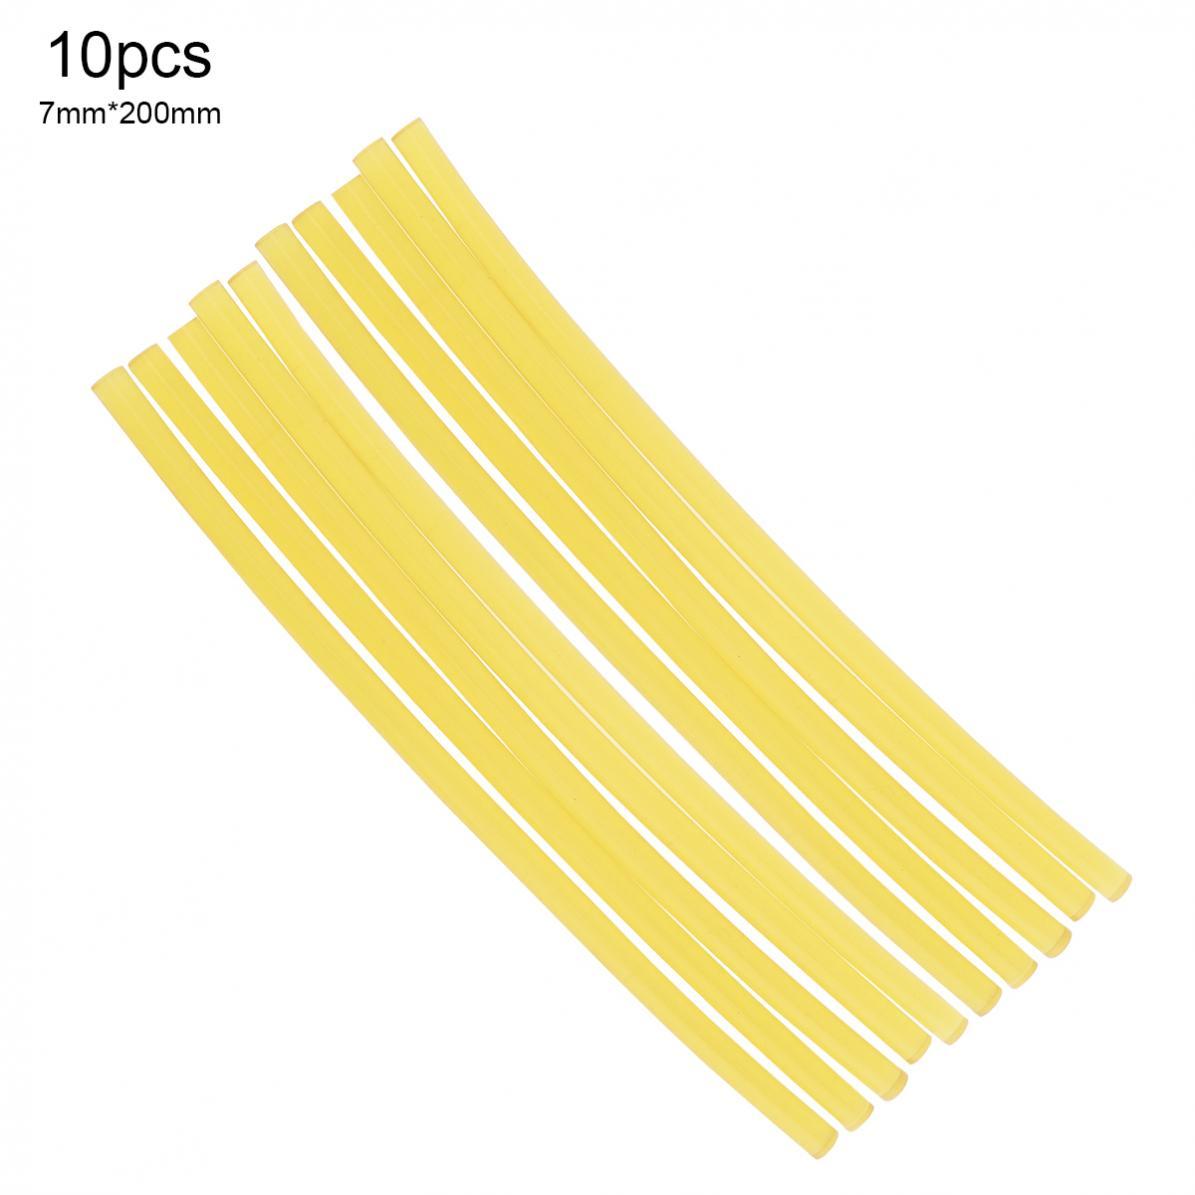 10pcs 7mmx200mm Transparent Yellow Strong Viscose Hot Melt Gun Glue Sticks Plastic Sticks For Glue Gun